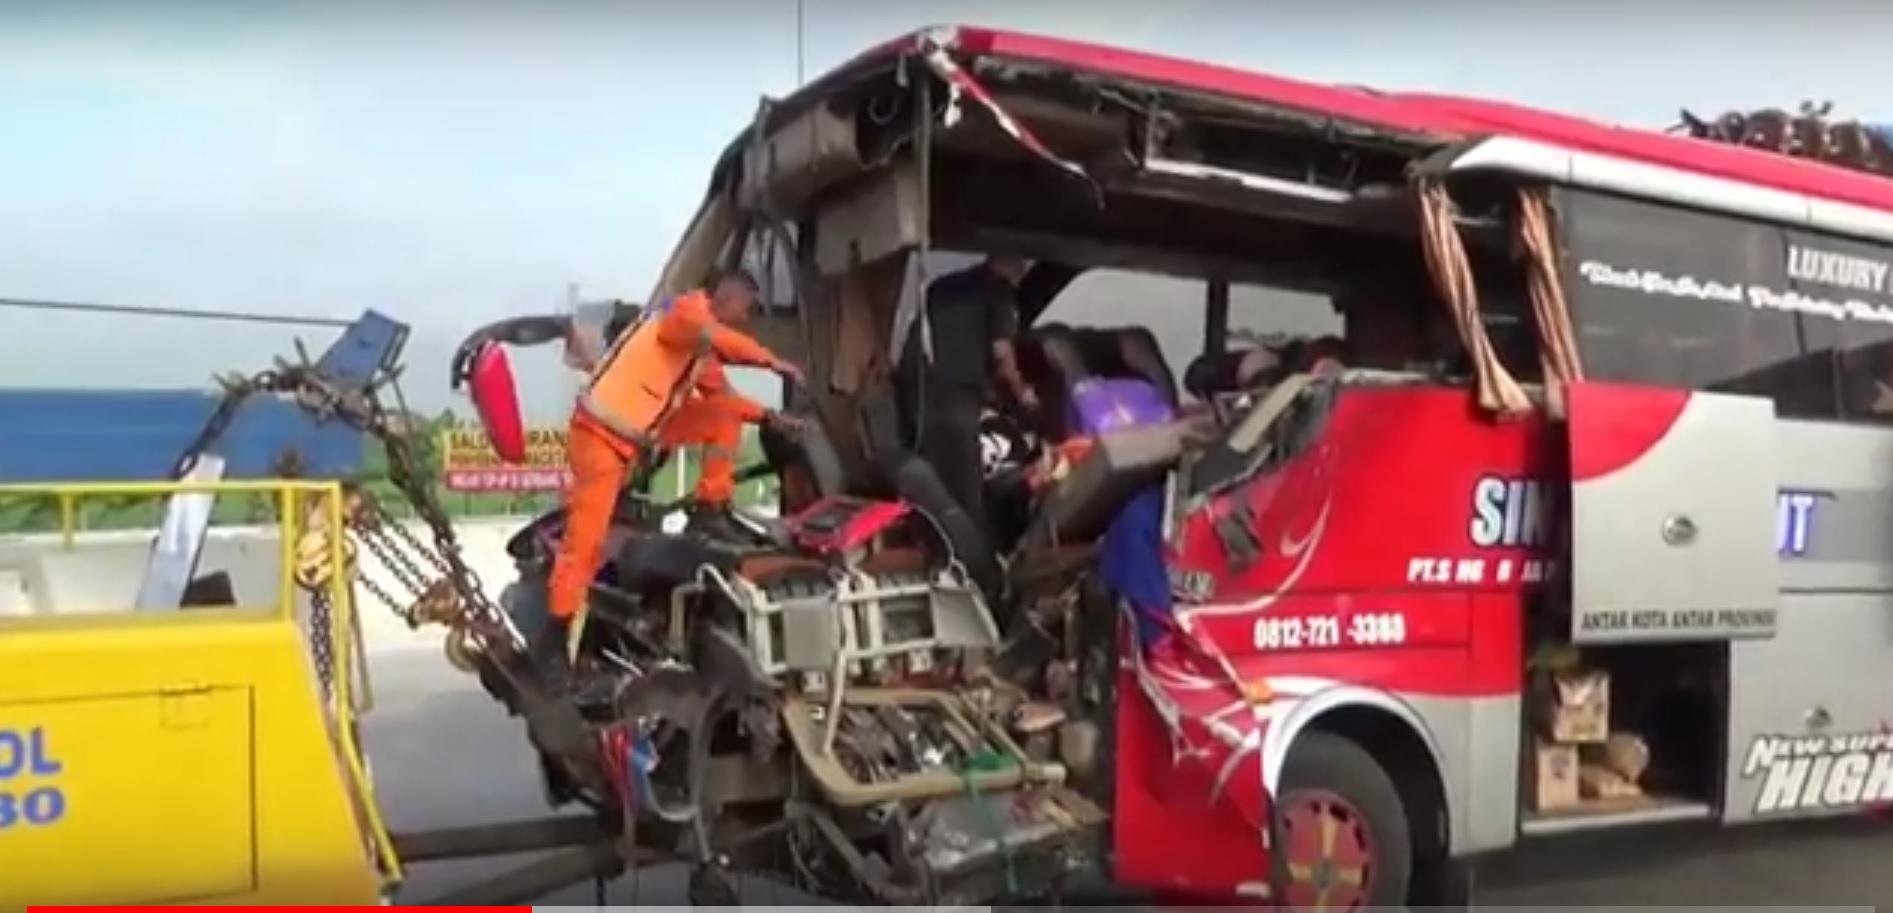 Petugas mengevakuasi barang-barang penumpang selamat dari bus yang mengalami kecelakaan (Foto / Metro TV)